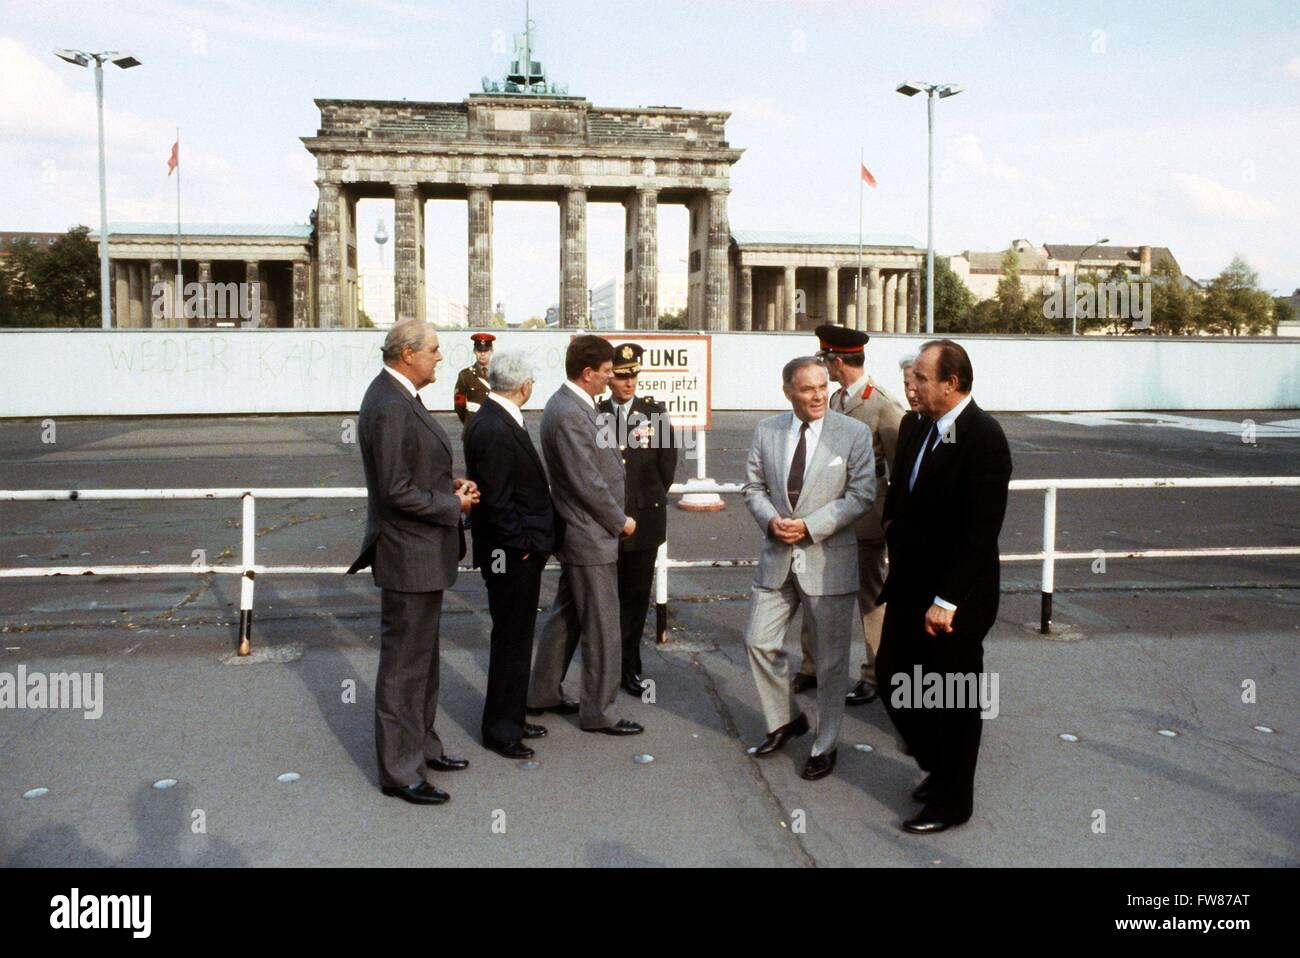 Général et homme politique américain Haig (2e de droite) et le ministre des affaires étrangères allemand Hans-Dietrich Genscher (r) visiter Porte de Brandebourg le 13 septembre 1981. Banque D'Images